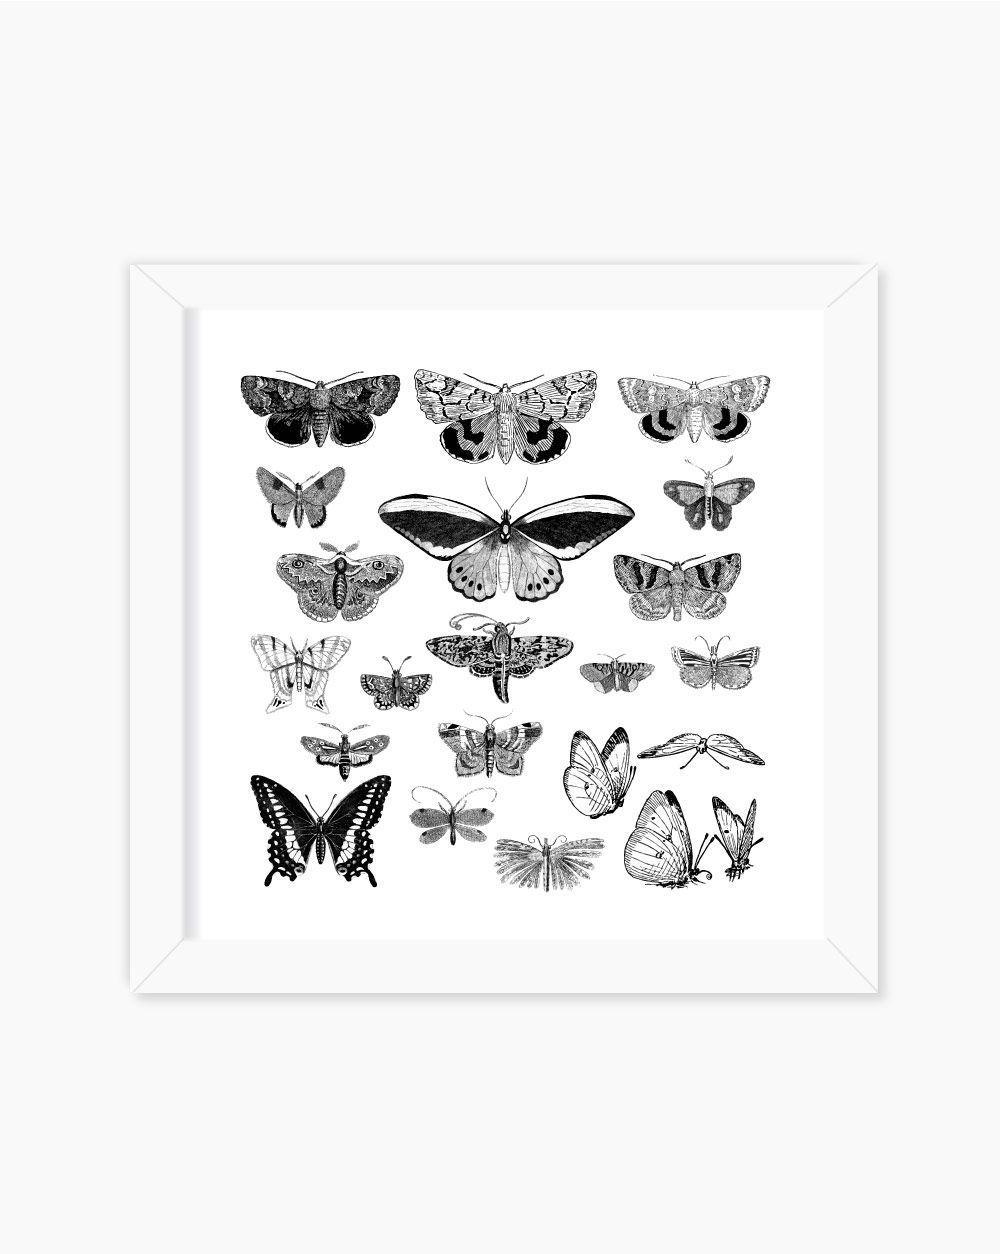 Quadro A Lot Of Butterflies